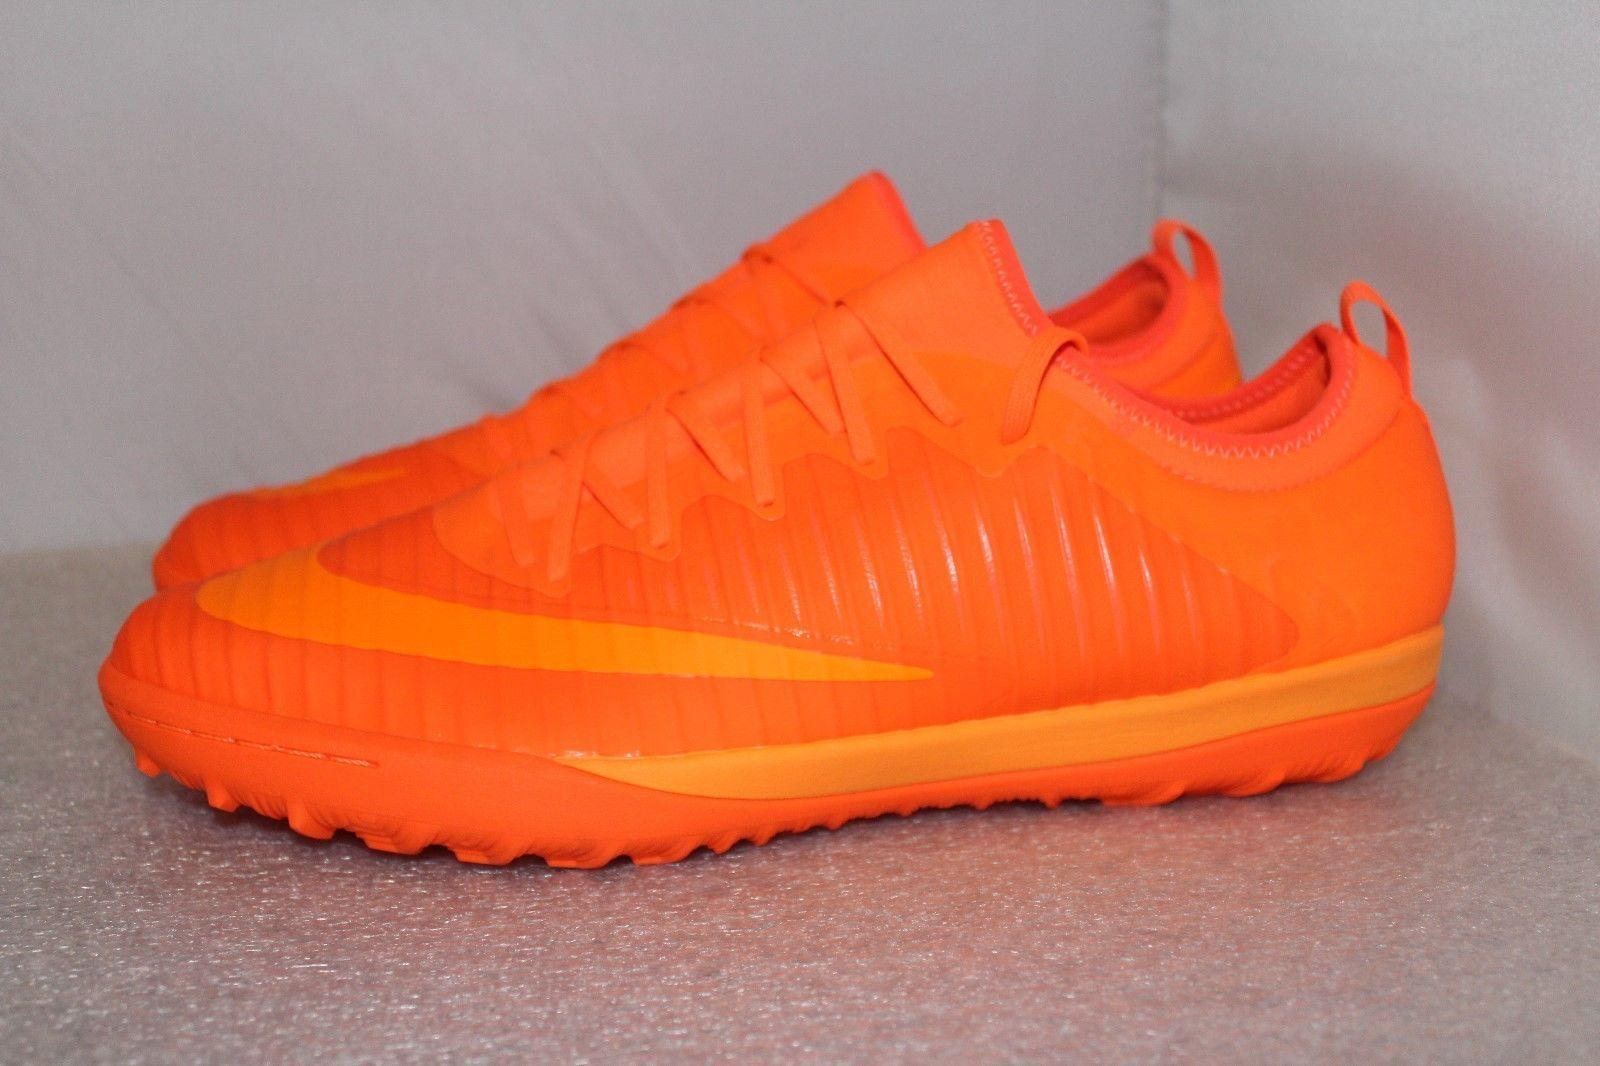 Nike MercurialX Finale II TF Soccer Shoe Men Size 12.5 #831975-888